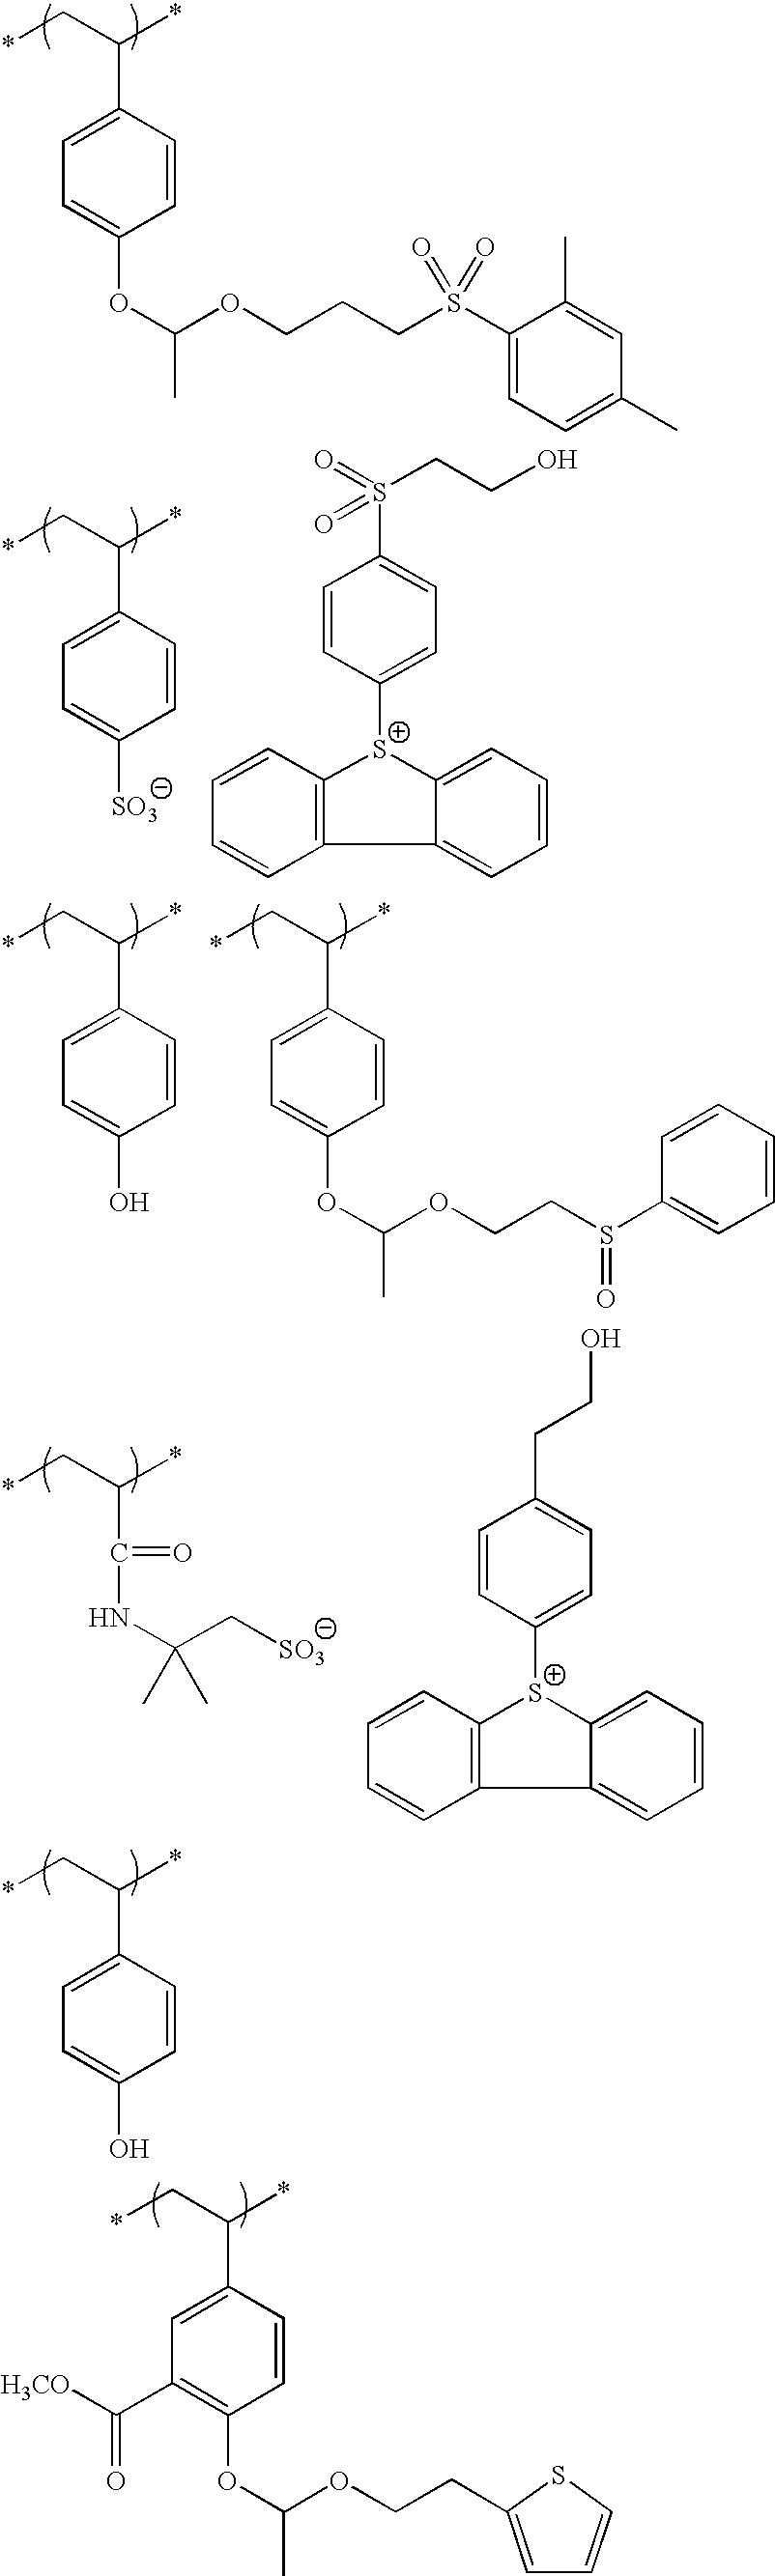 Figure US08852845-20141007-C00180